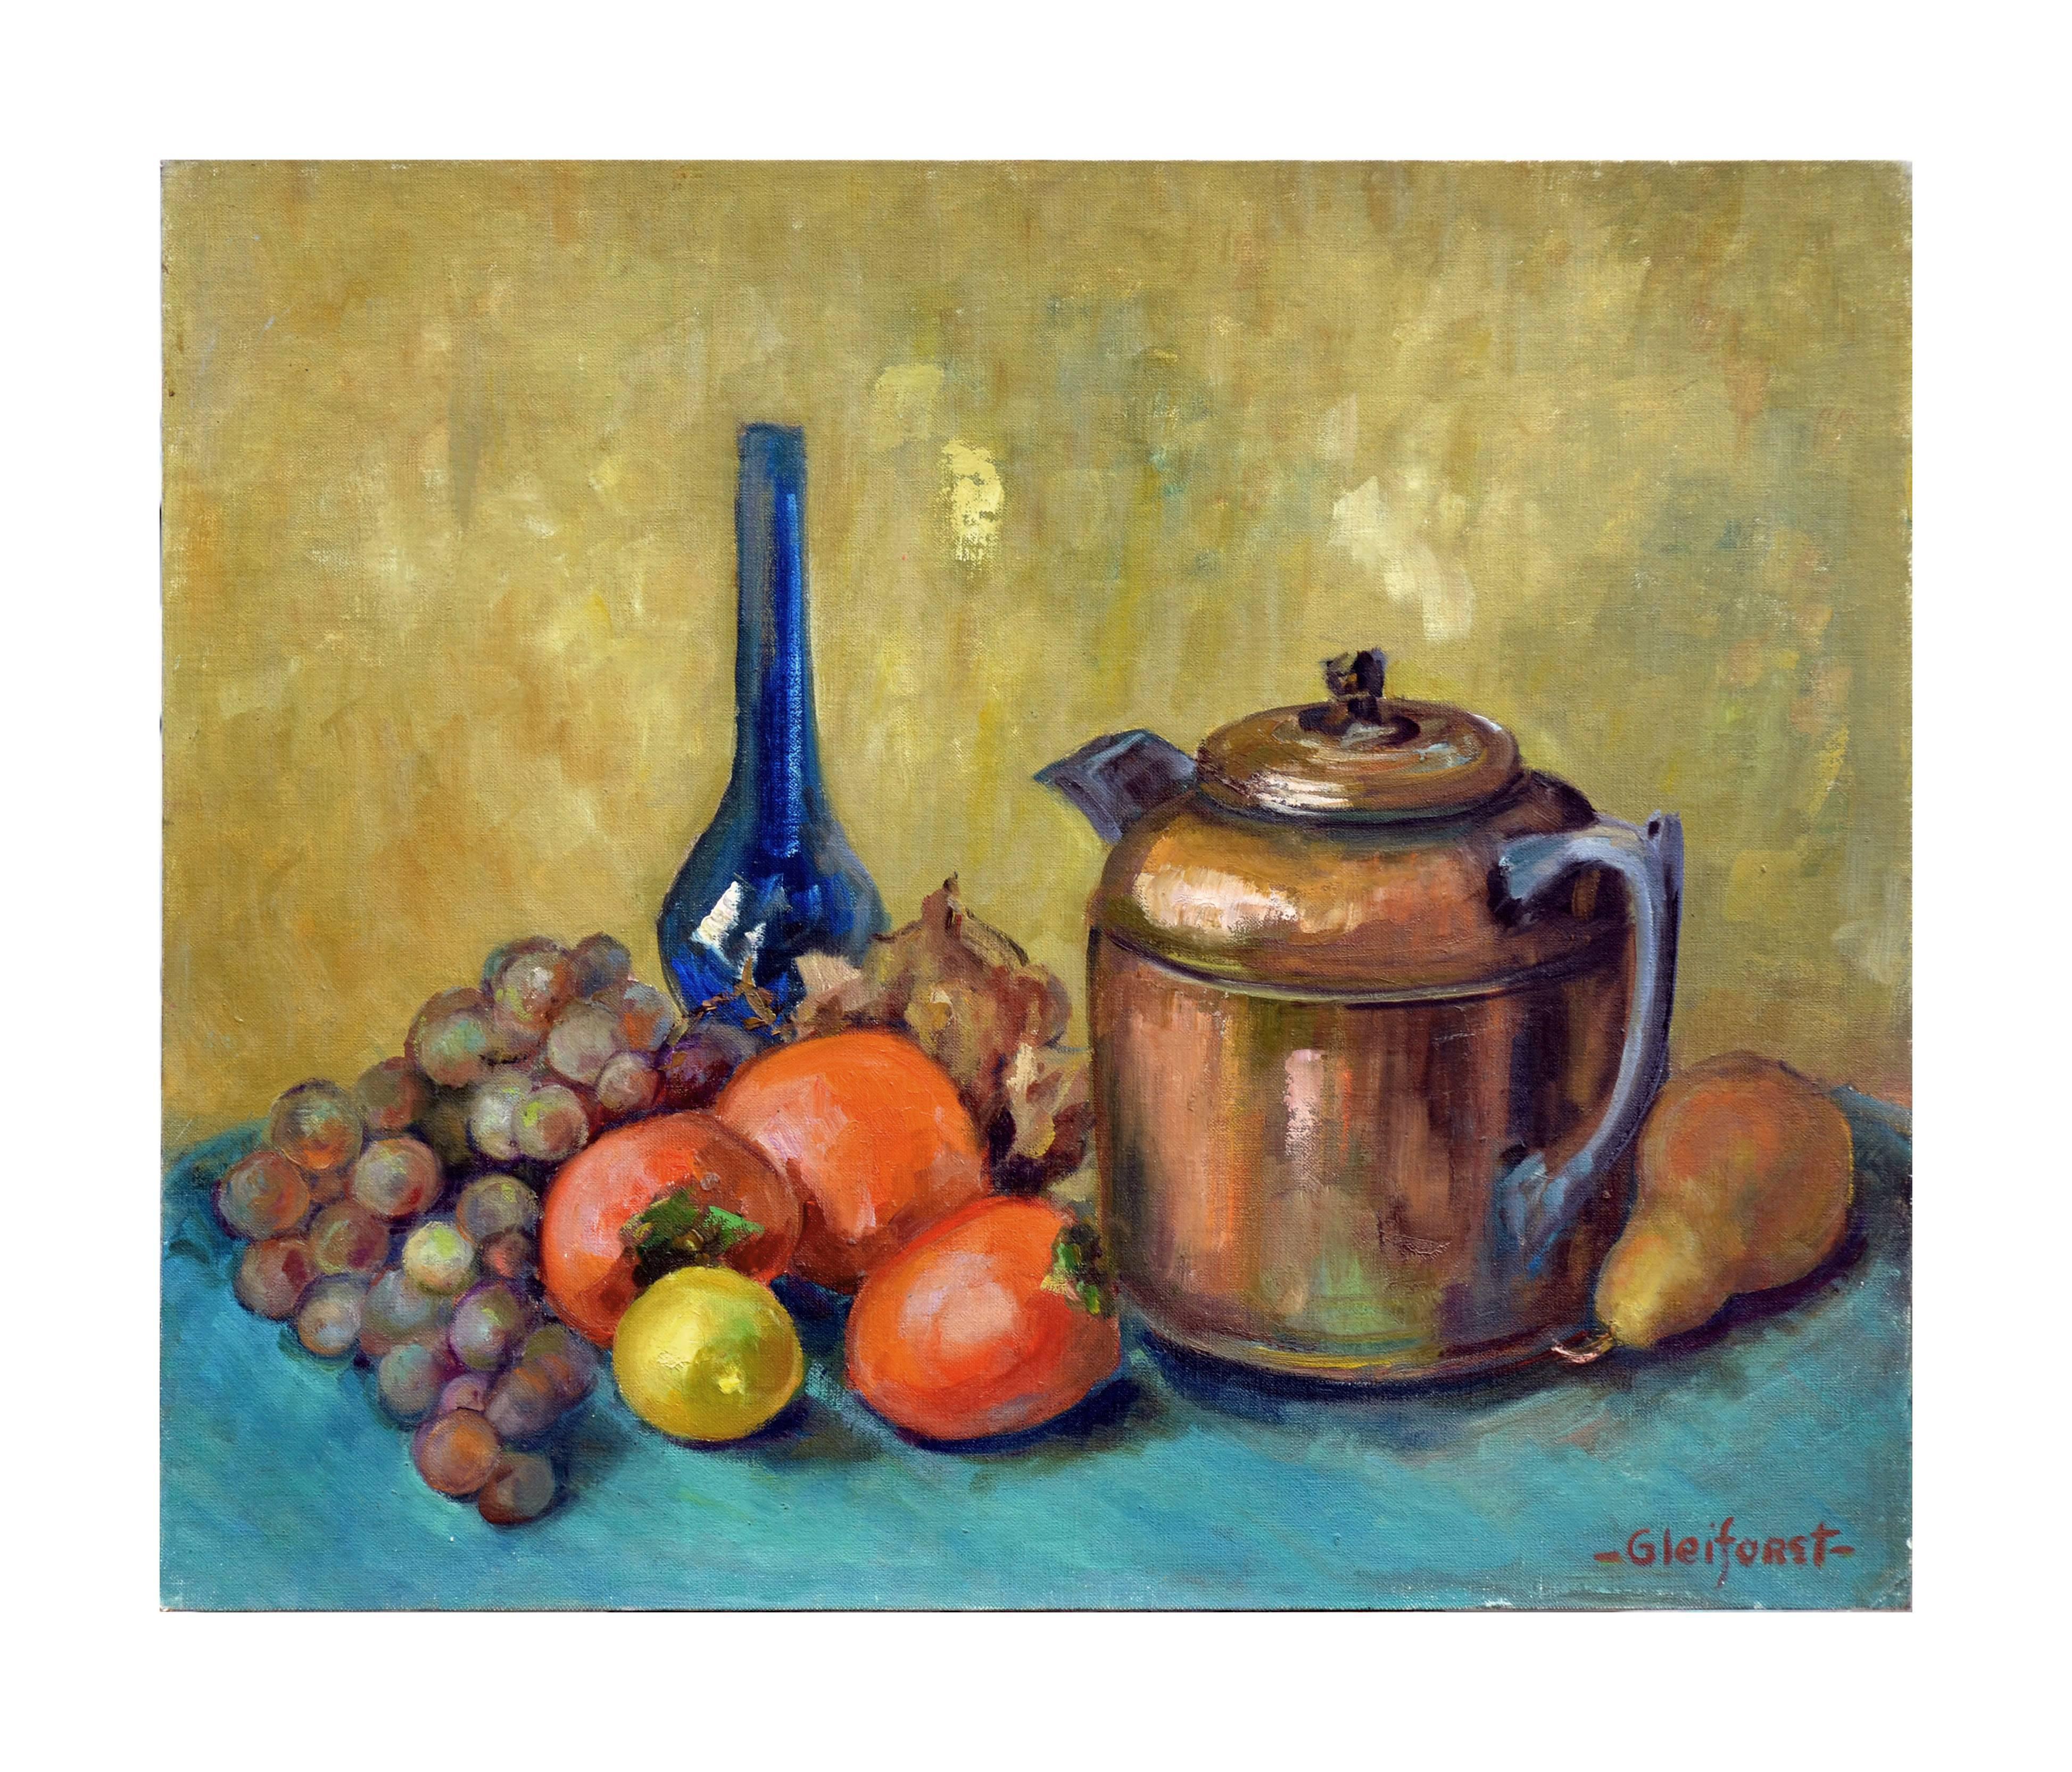 Mid Century Teapot, Vase and Fruit Still Life